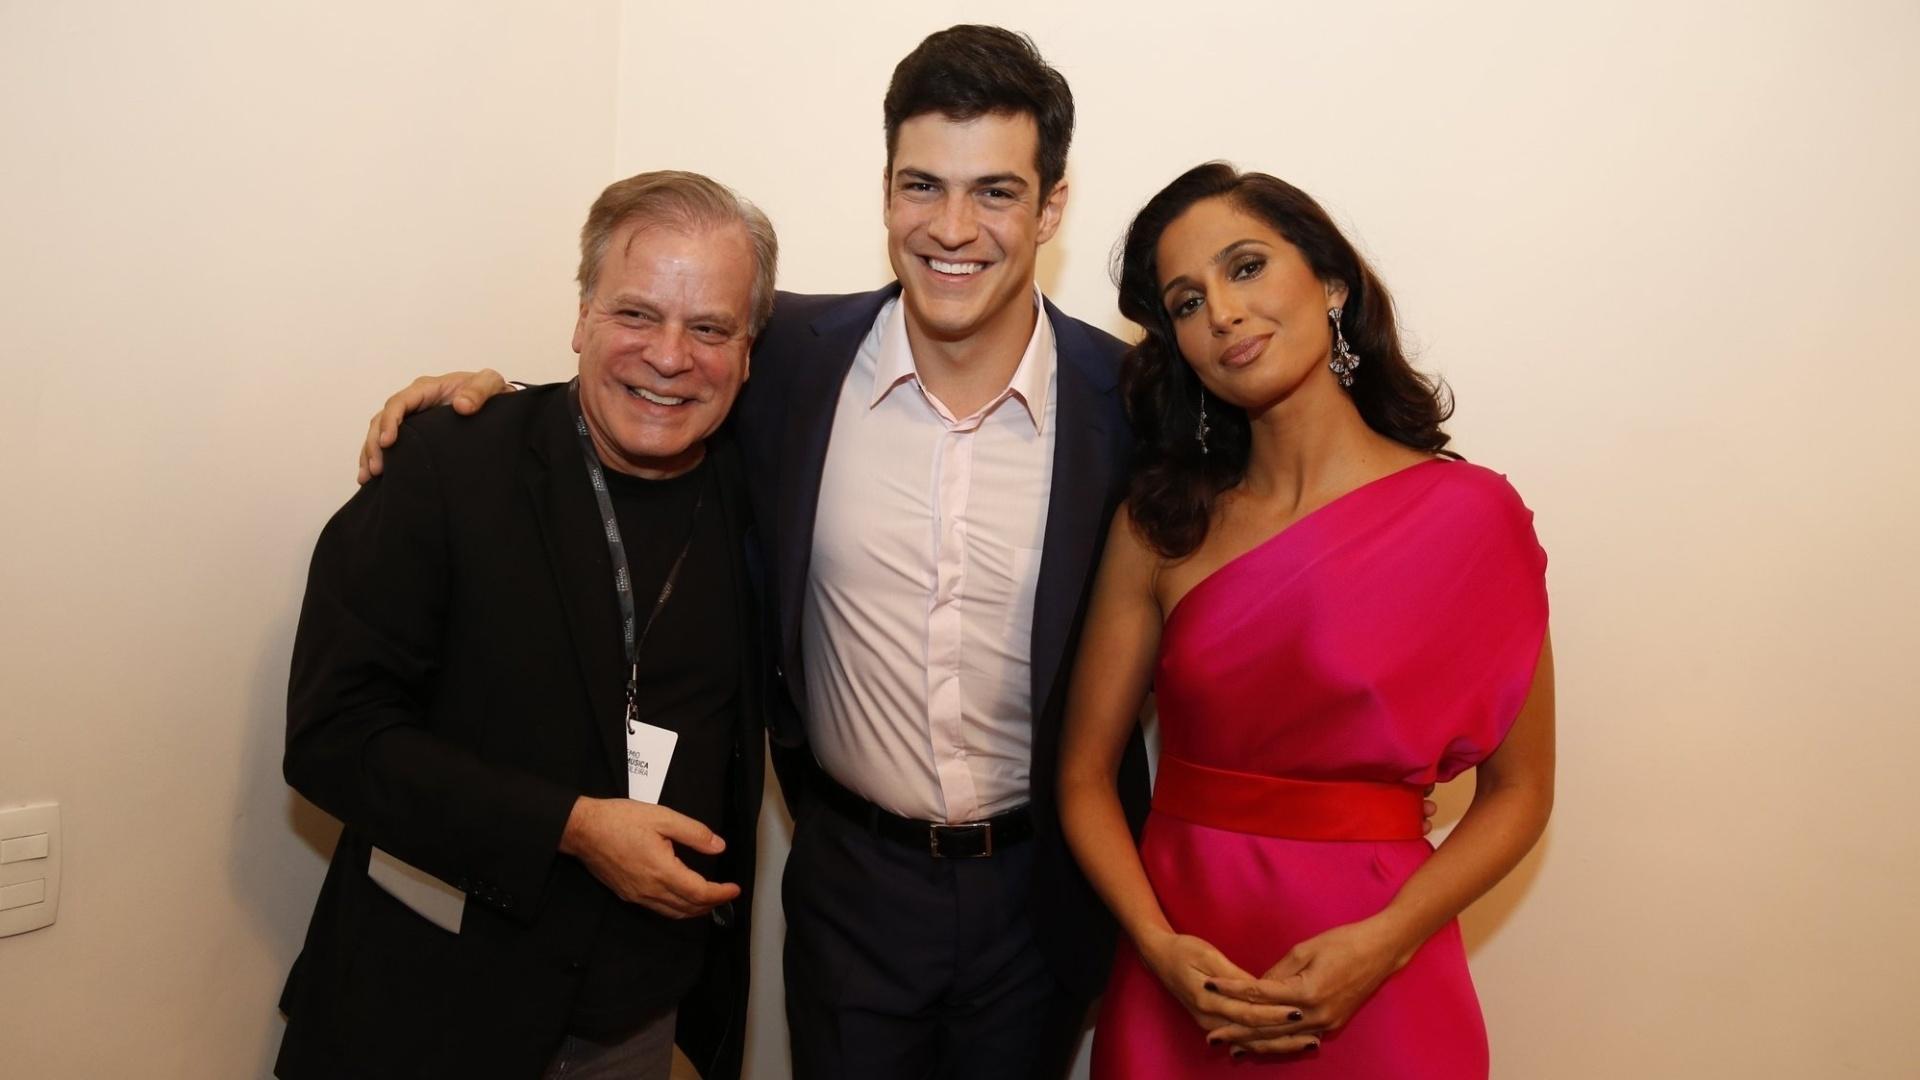 14.mai.2014 - Chico Pinheiro, Mateus Solano e Camila Pitanga confraternizam antes de subirem ao palco do 25º Prêmio da Música Brasileira no Rio de Janeiro